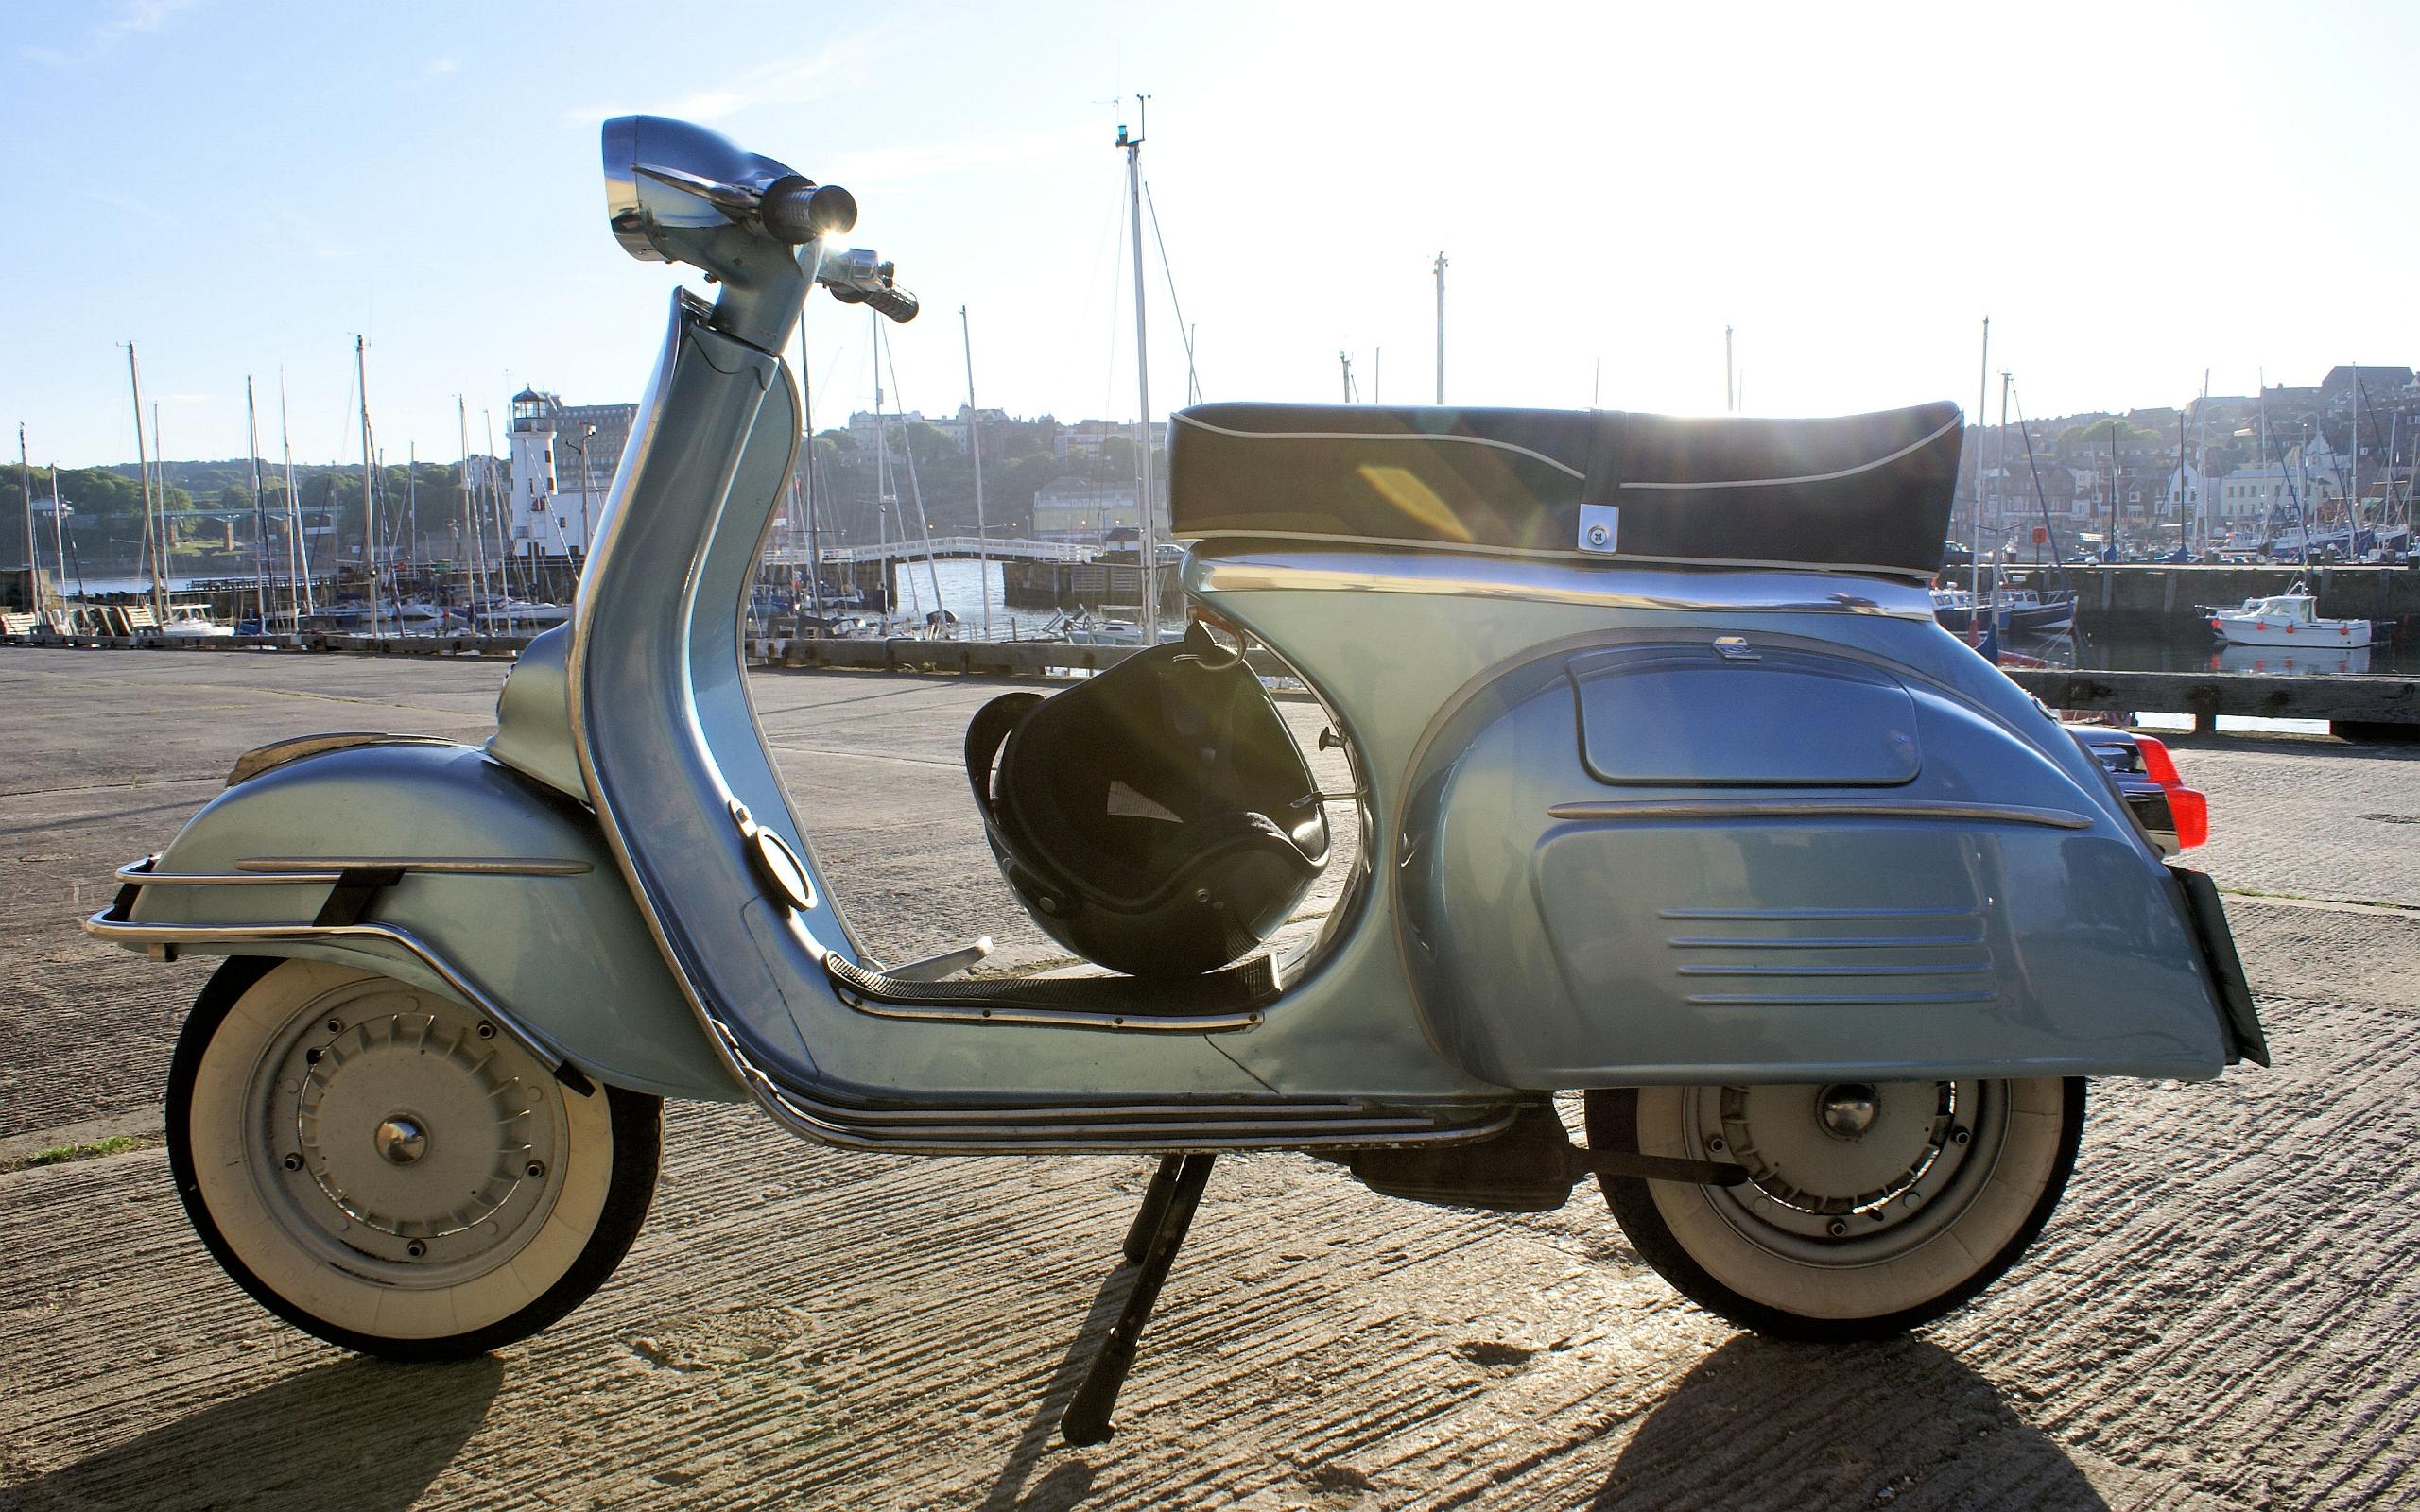 Fordon Scooter Tapet   Bakgrund 2560 x 1600   Id  244399 HD Wallpaper